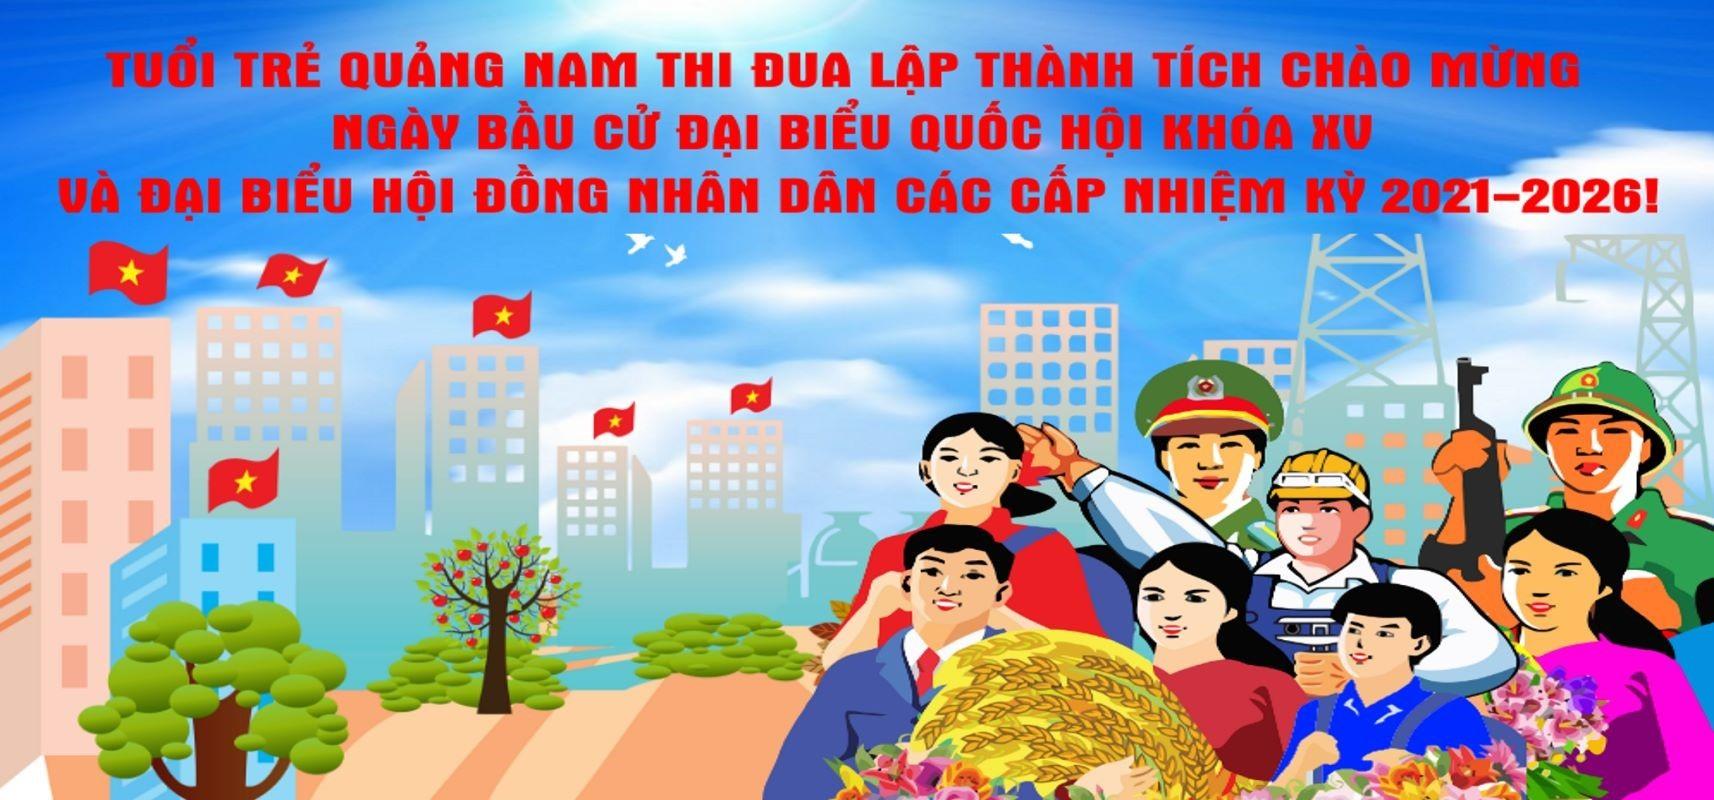 Pa nô tuyên truyền bầu cử của tuổi trẻ Quảng Nam. Ảnh: V.A